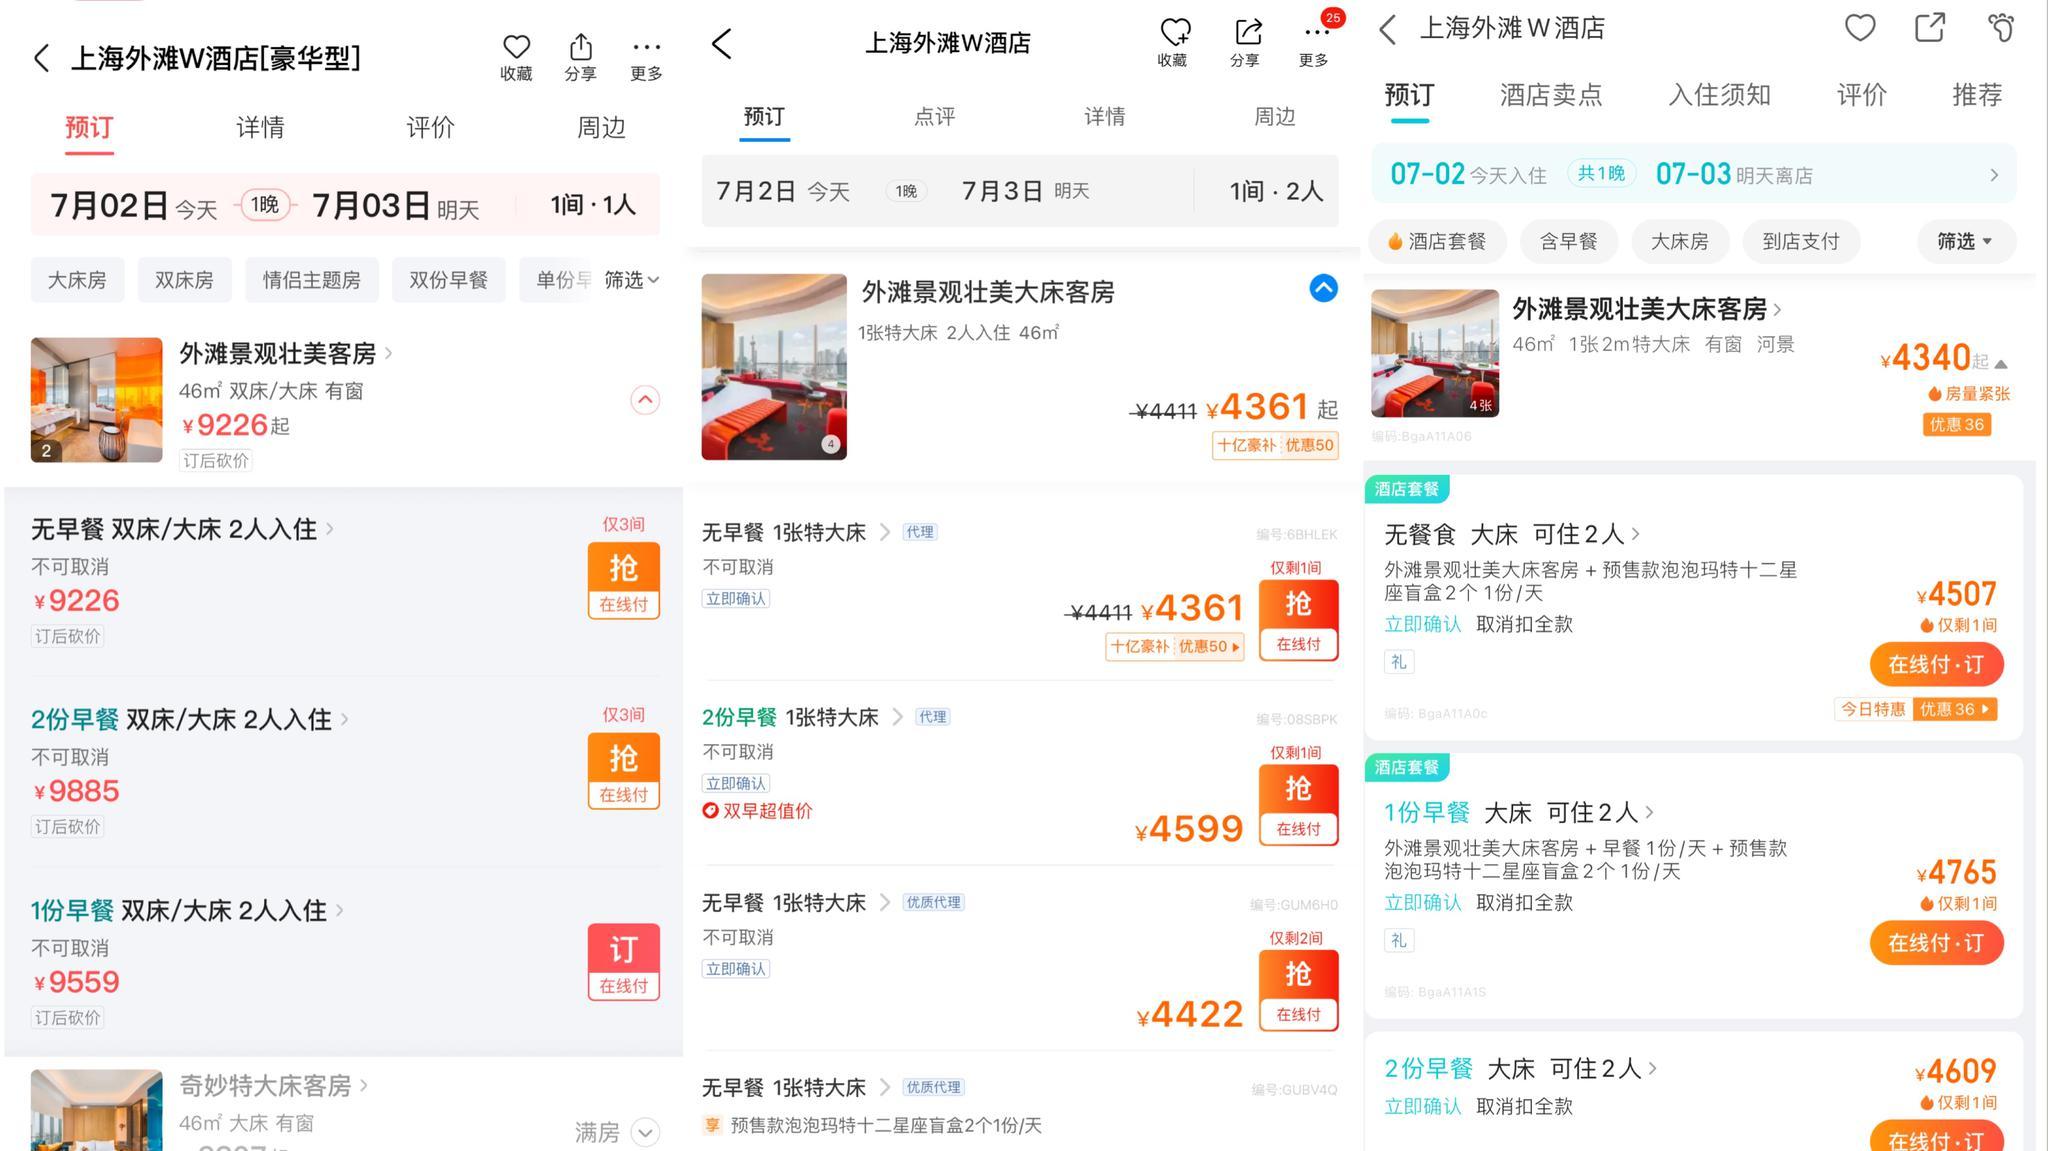 7月2日上午显示的上海外滩W酒店外滩景观壮美客房预订价格截图,从左至右分别为:美团、携程、去哪儿。